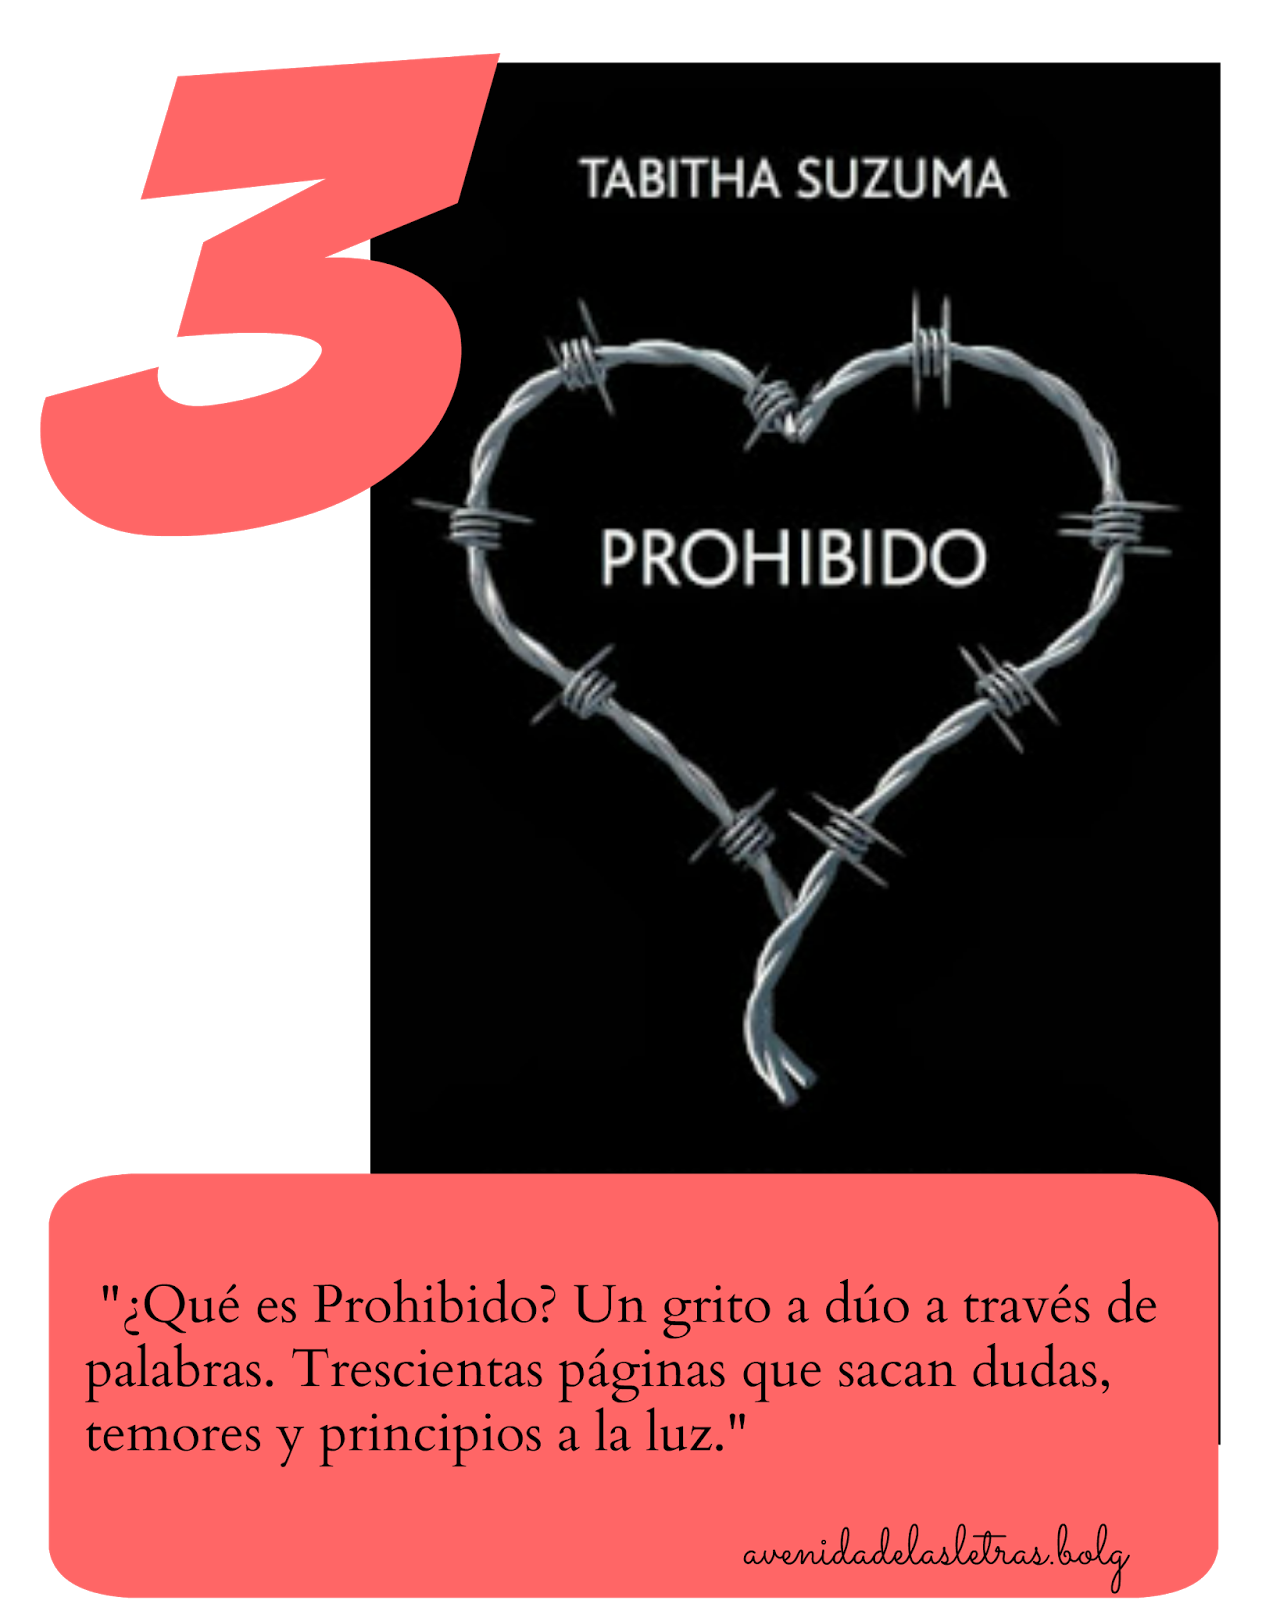 http://avenidadelasletras.blogspot.com.es/2014/04/resena-prohibido-tabitha-suzuma.html